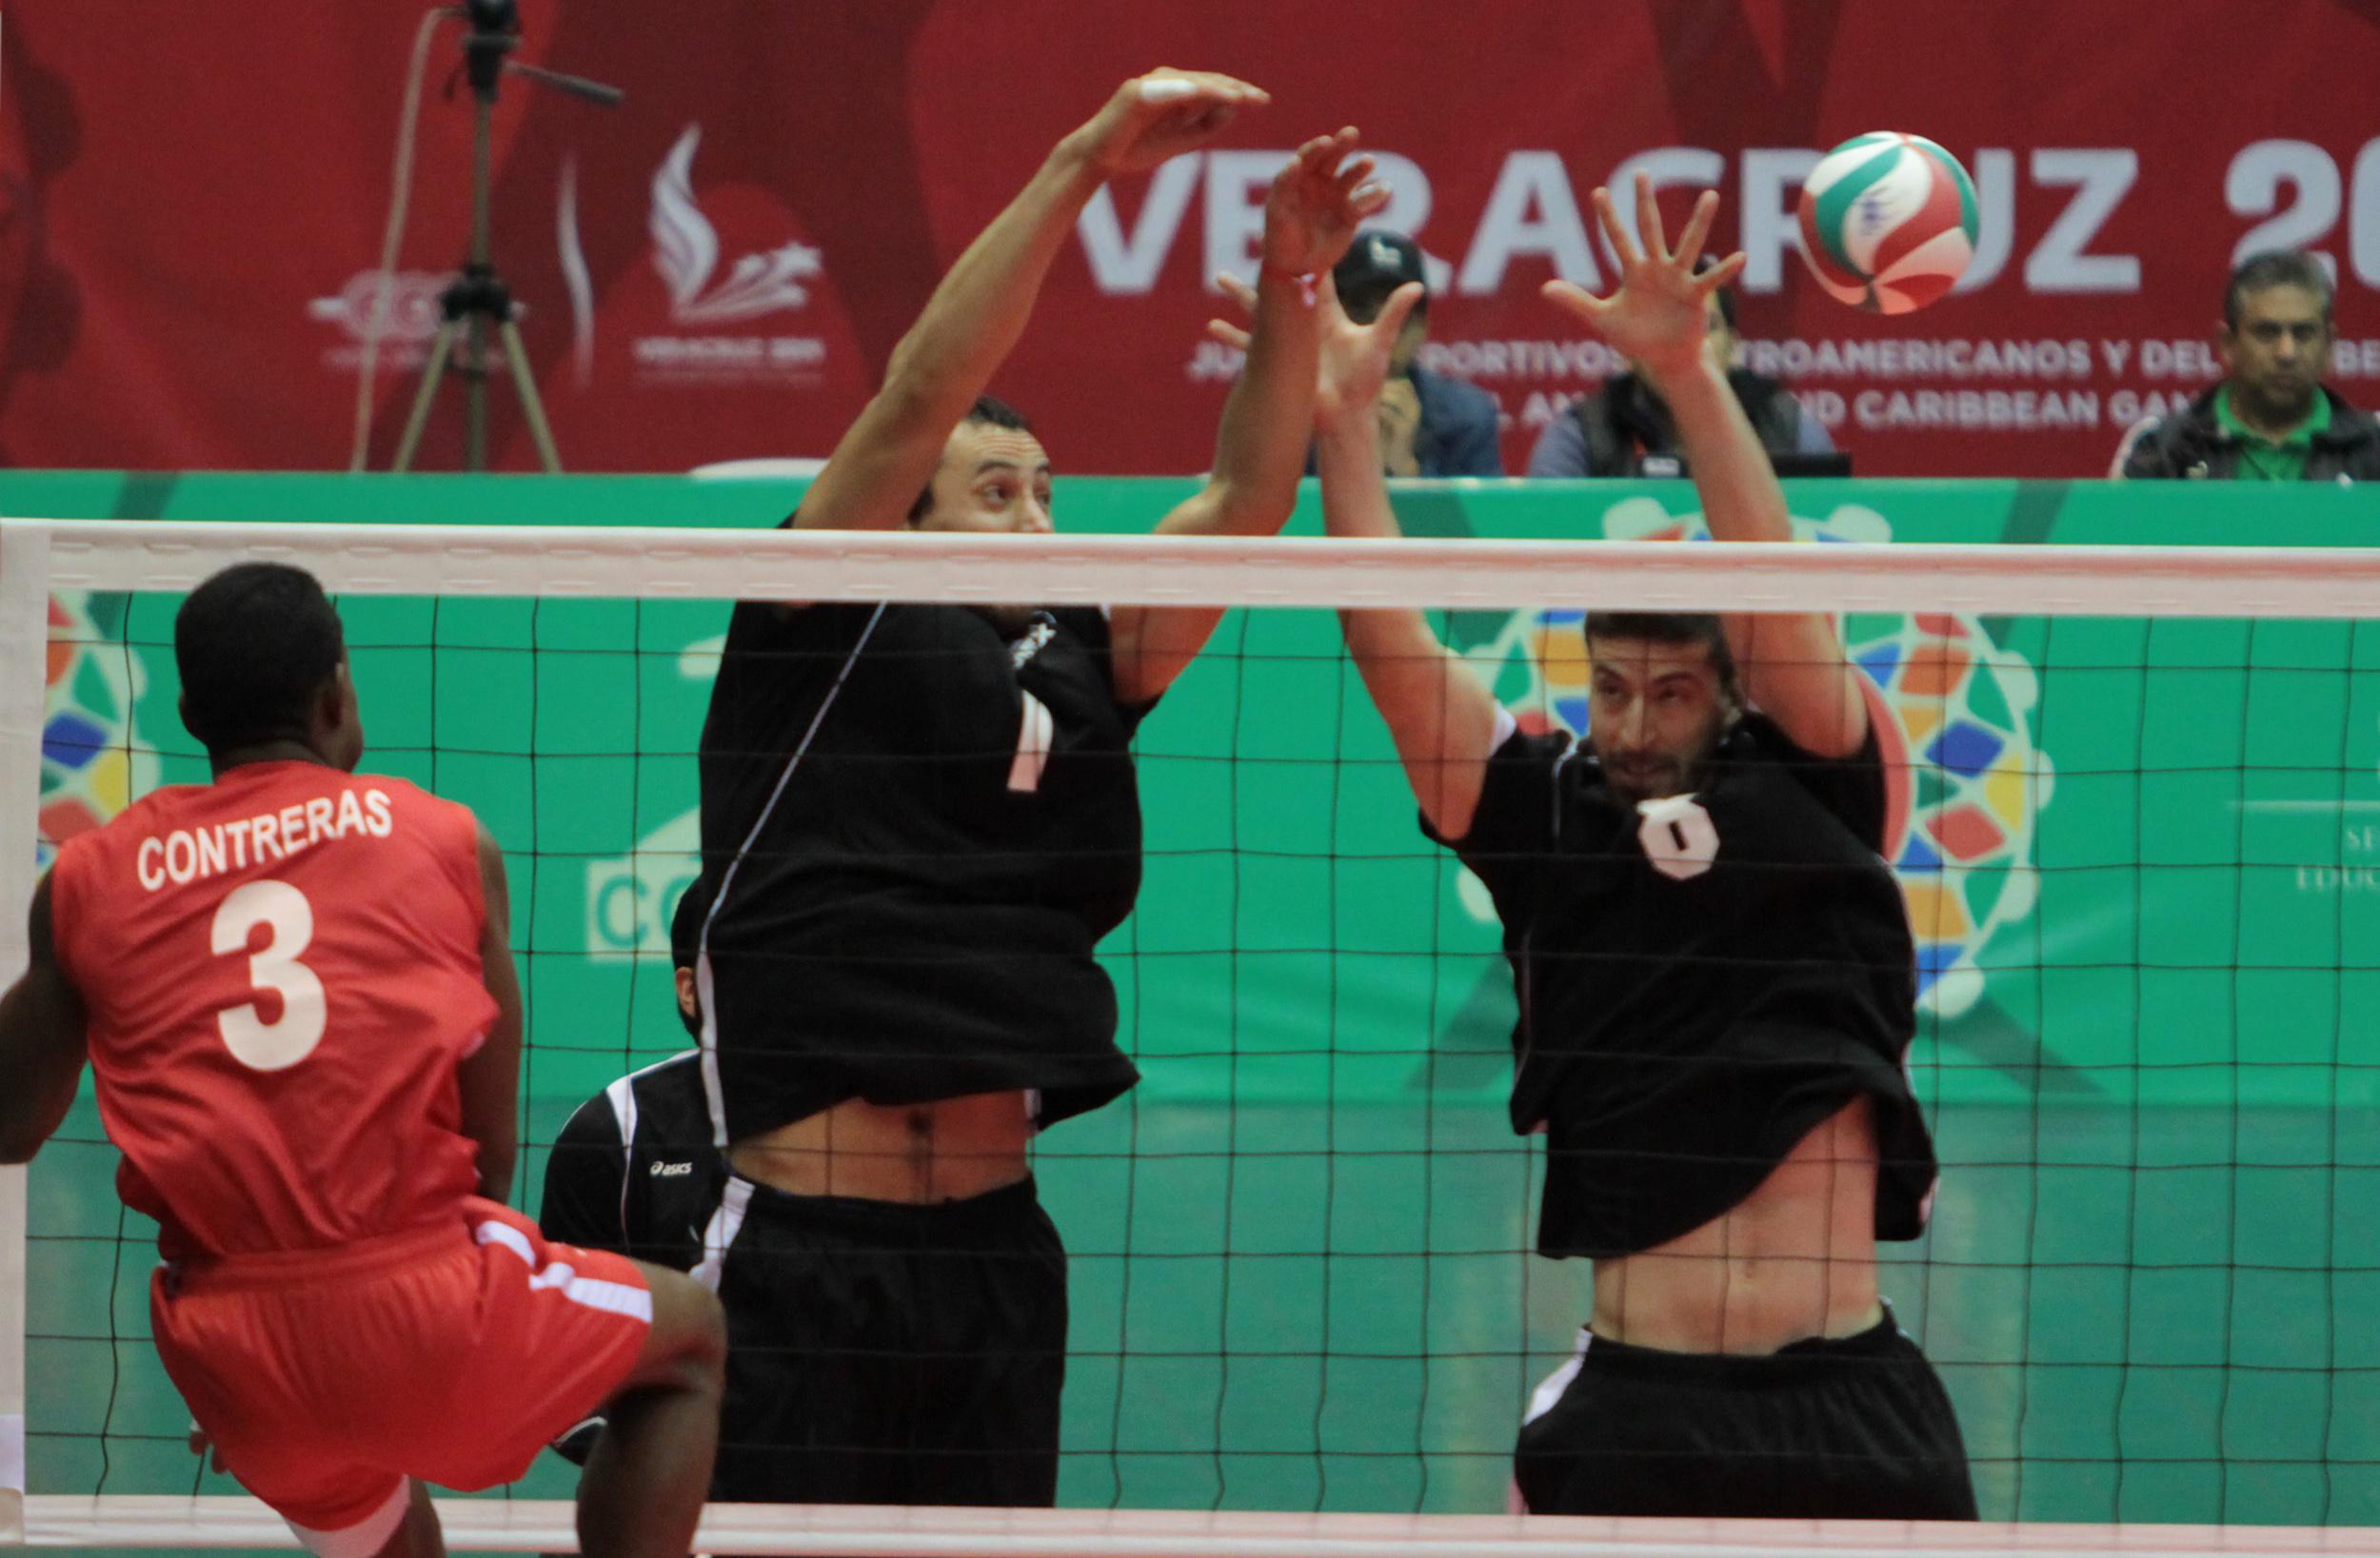 Retraso en pago de becas afecta a 16 jugadores de voleibol veracruzanos